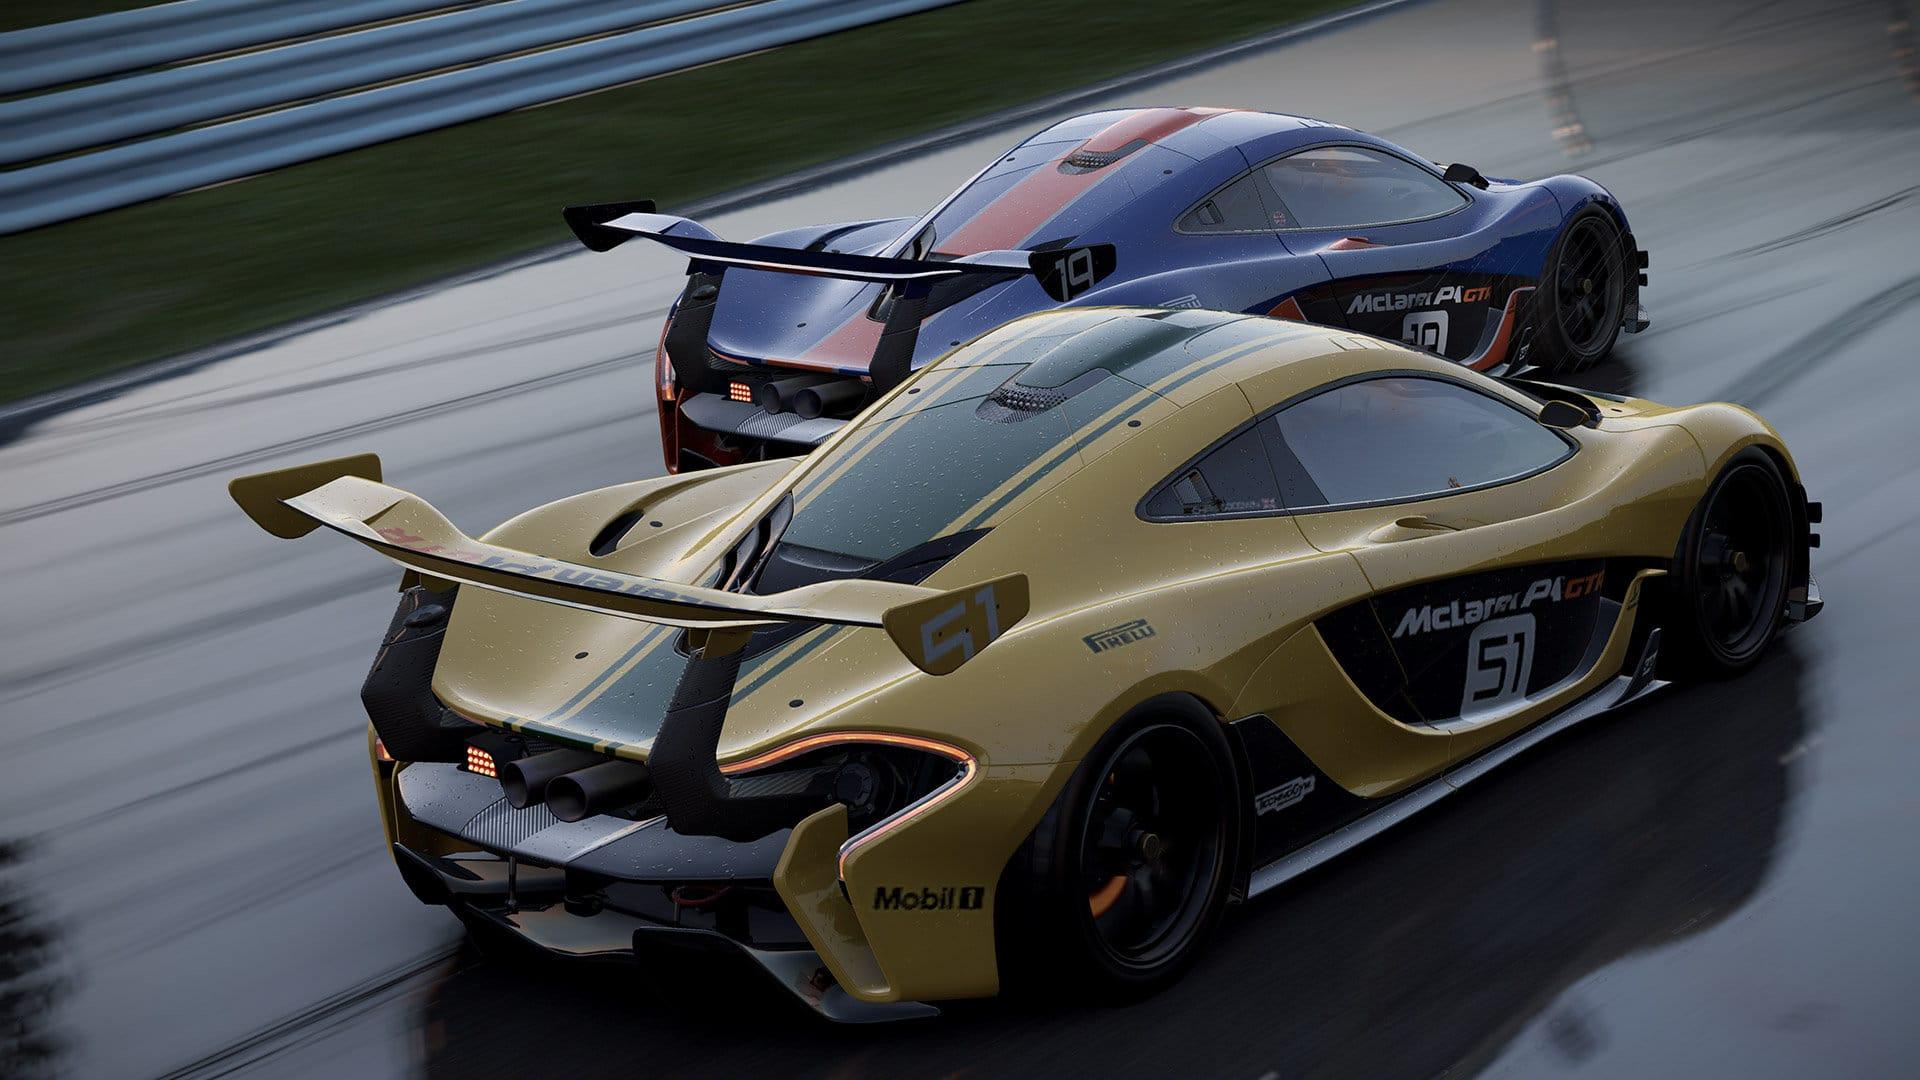 Το Project Cars 2 demo μόλις κυκλοφόρησε! - Videogamer.gr